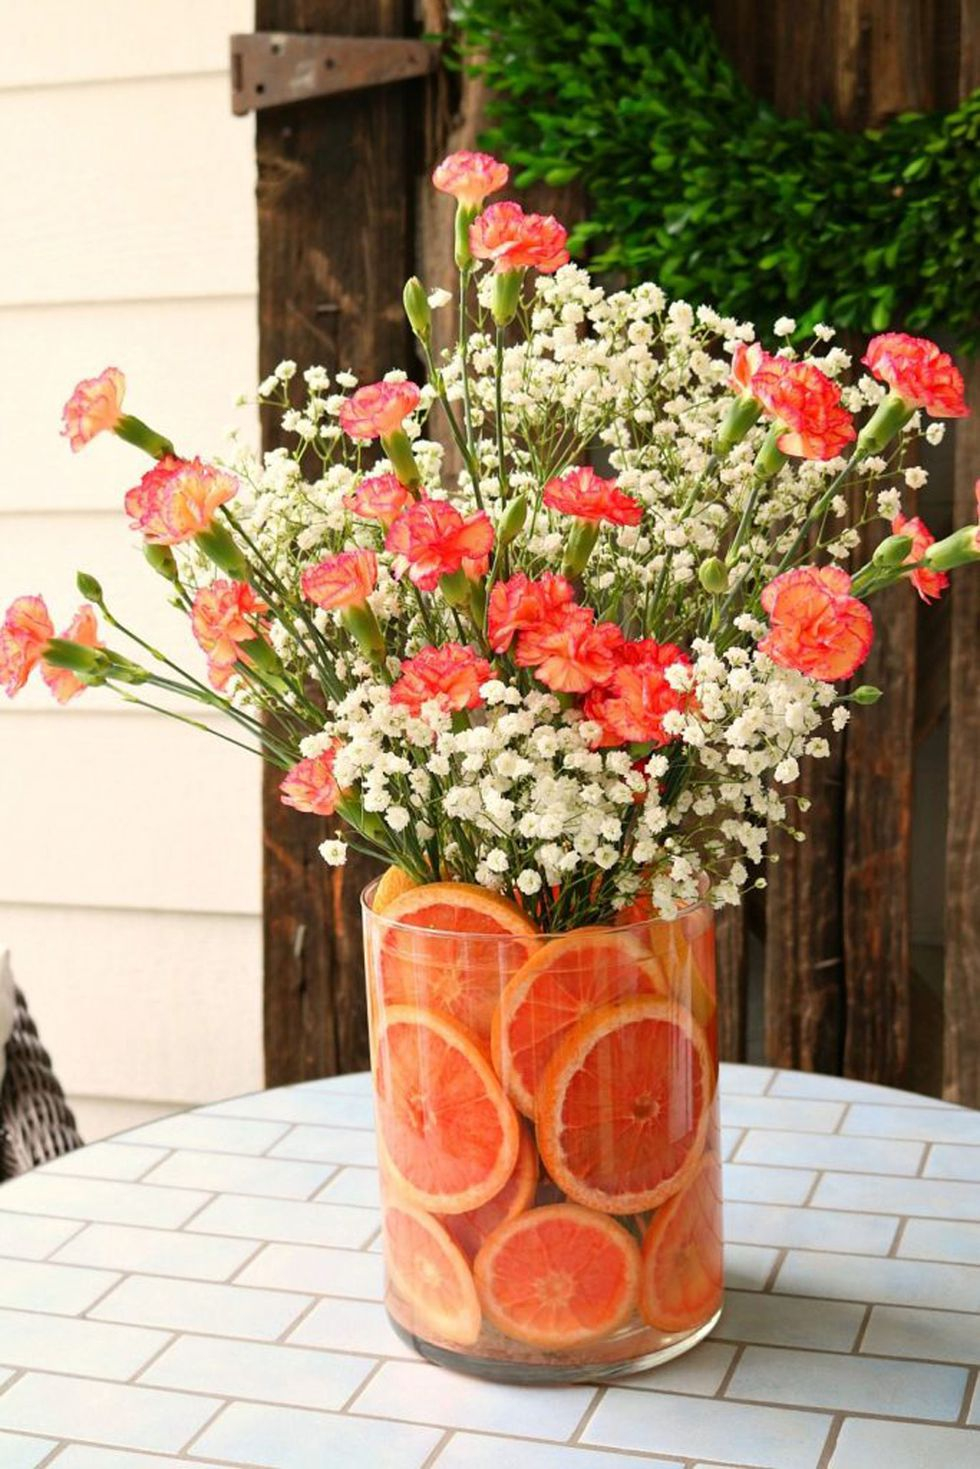 Citrus lined vase